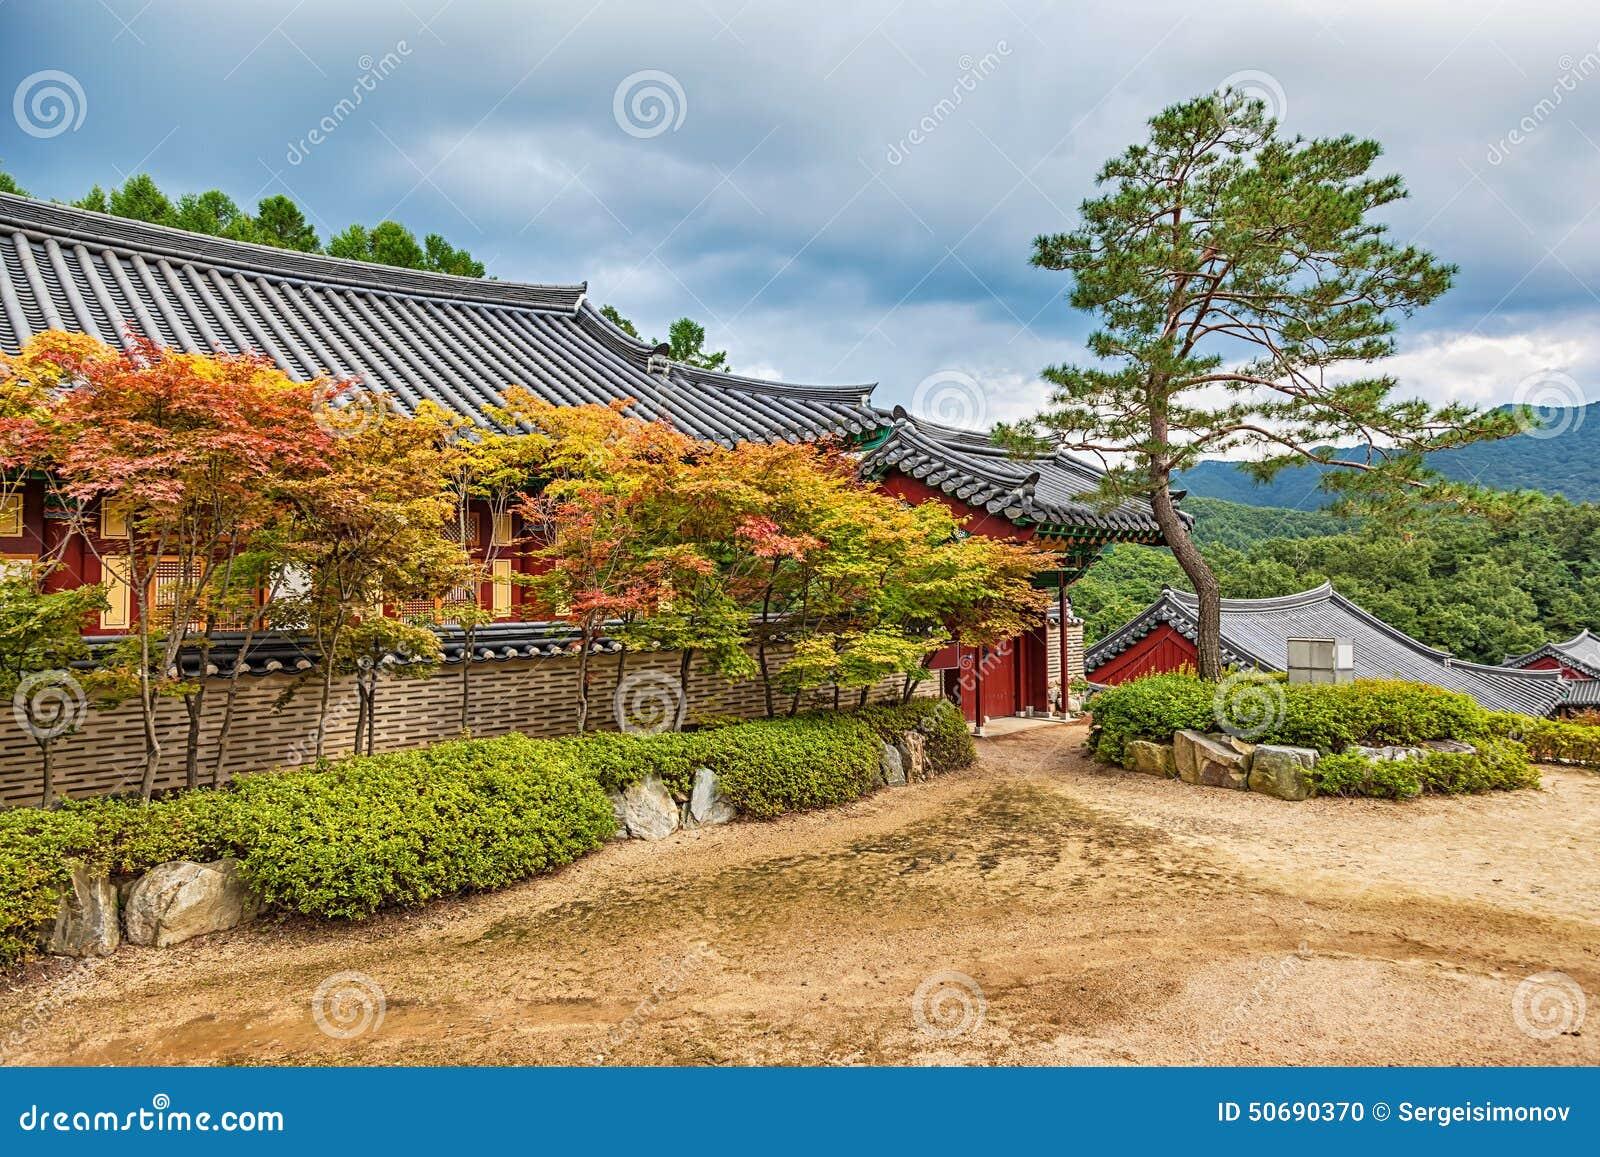 Download 传统建筑学老大厦寺庙在韩国 库存照片. 图片 包括有 拱道, 天空, 结构树, 反气旋, 聚会所, 传统 - 50690370